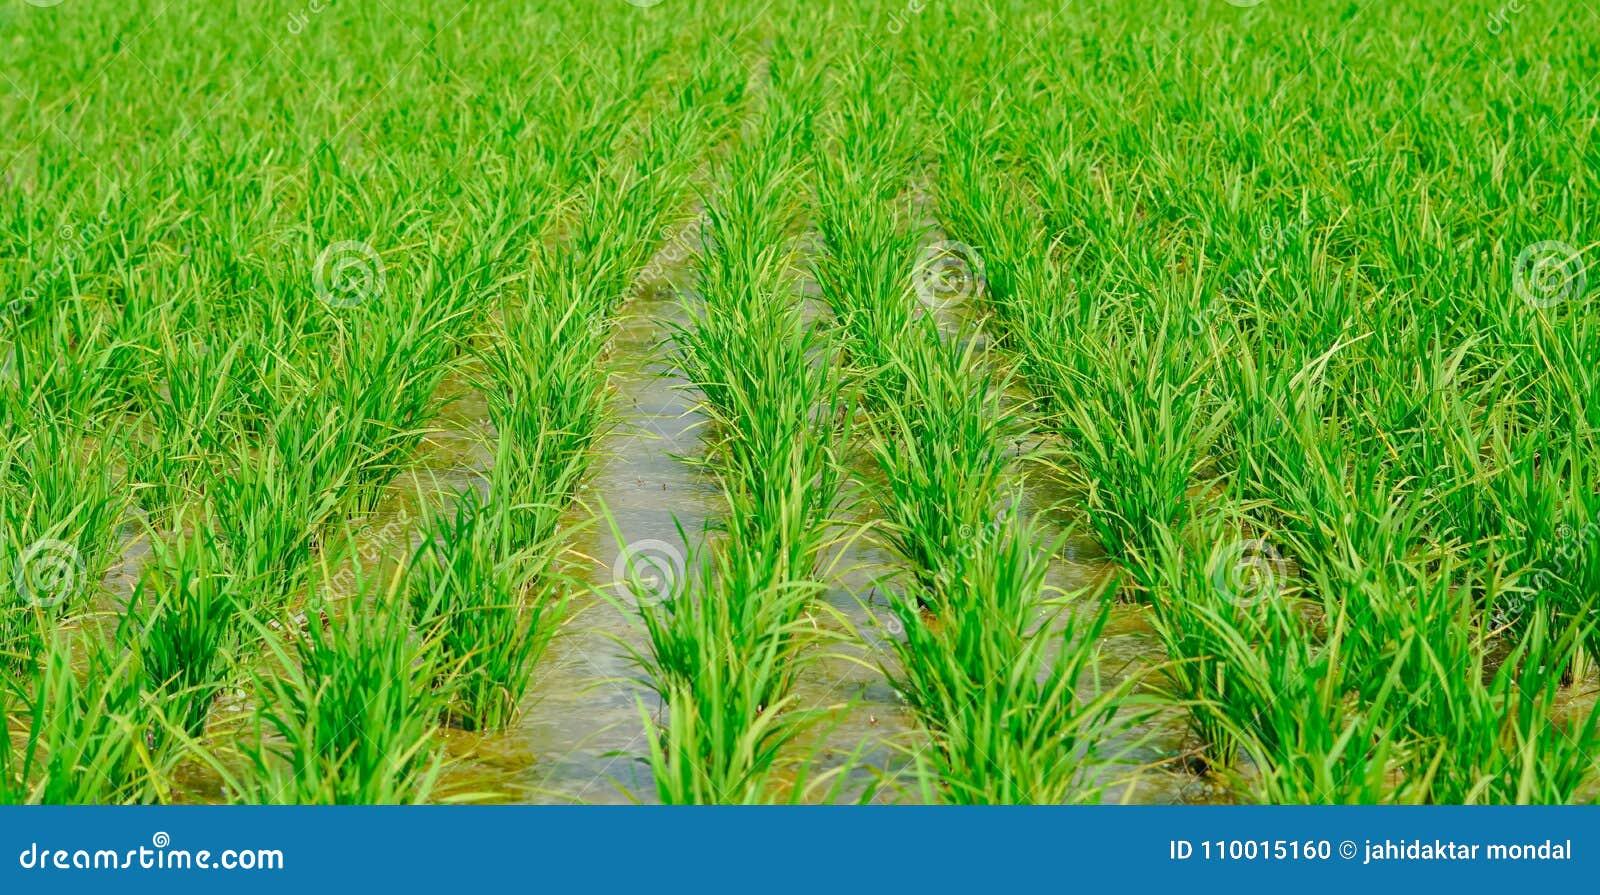 Сельское хозяйство риса в сезоне дождей Индии зеленый цвет, режим макроса